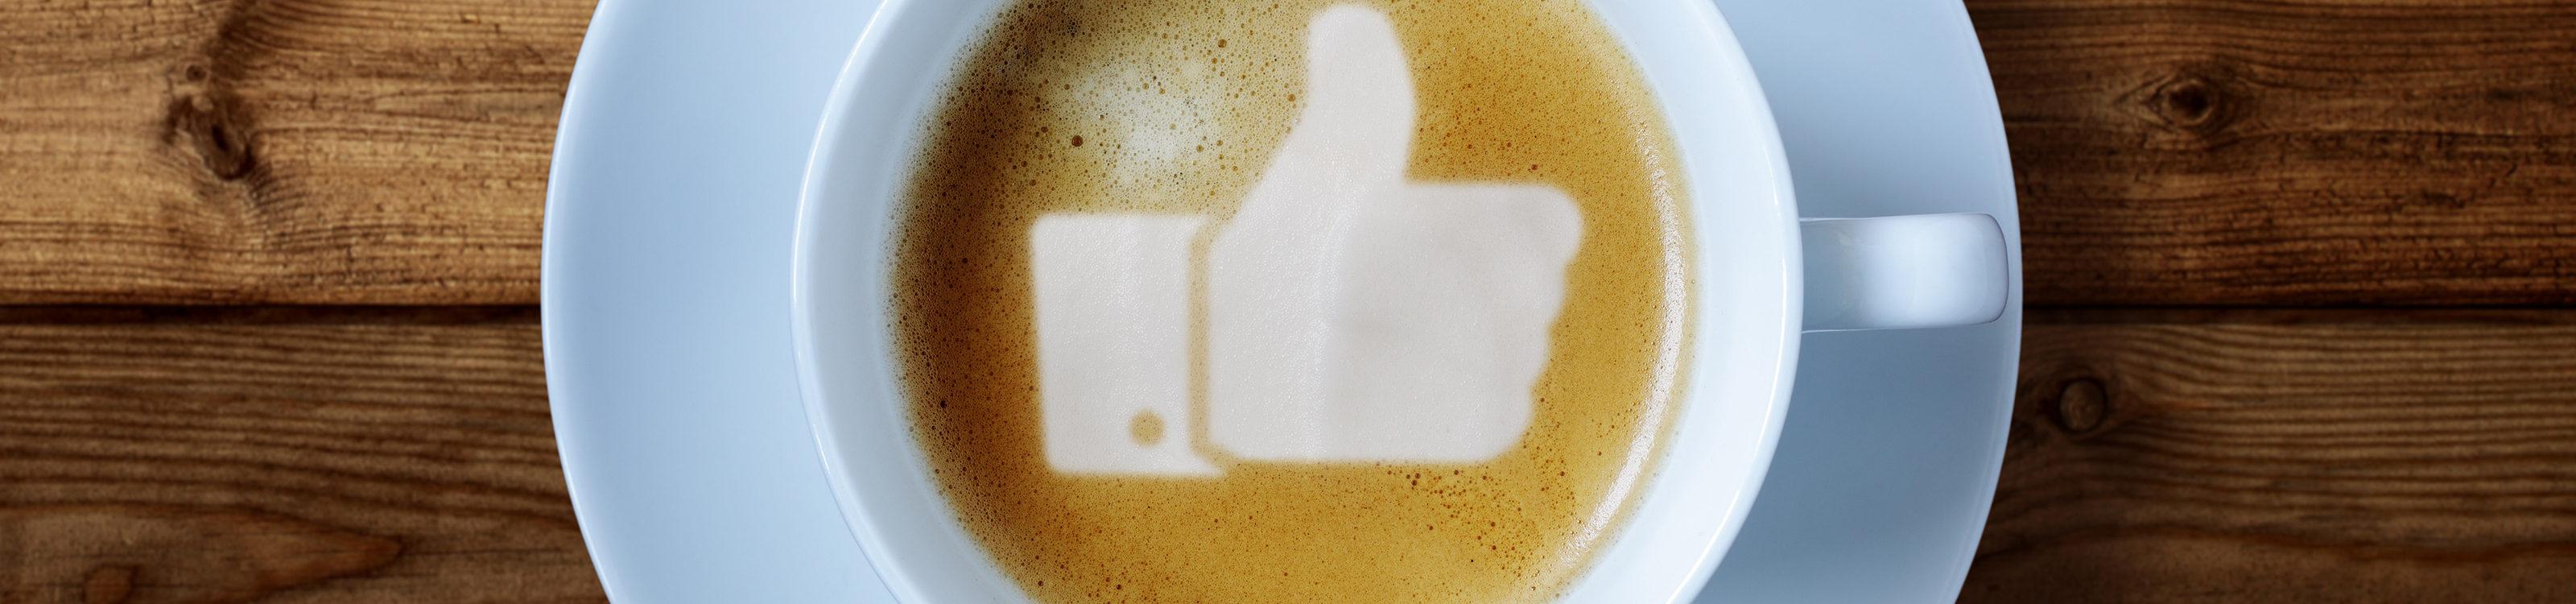 Facebook Företagsplatser